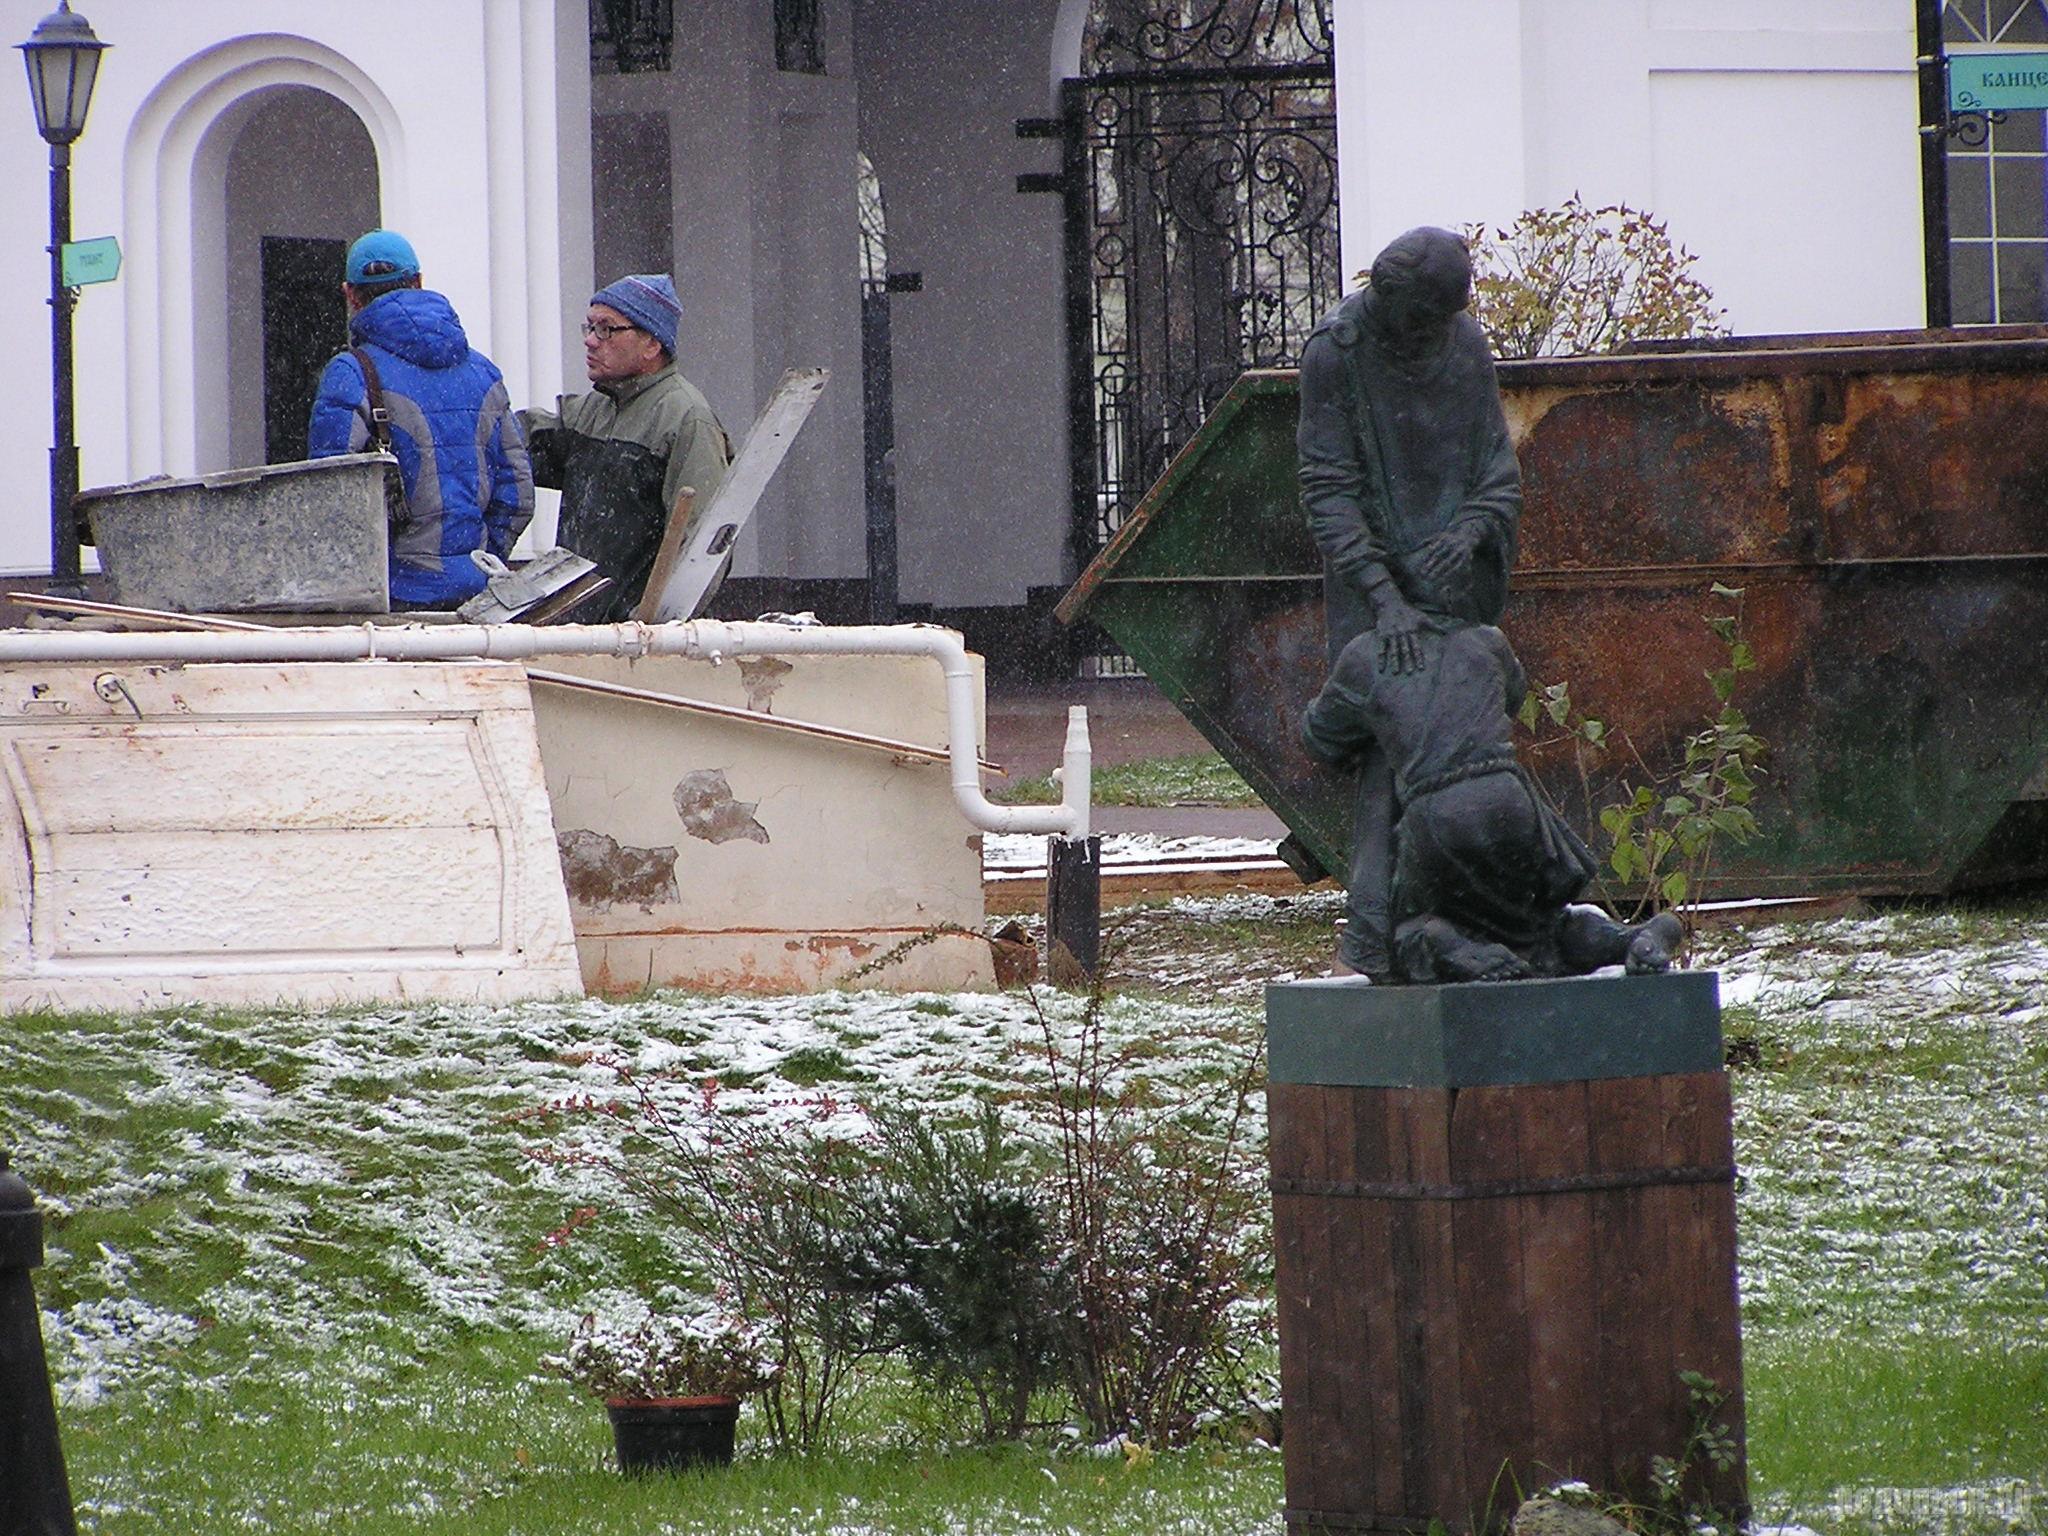 """Скульптура """"Возвращение блудного сына"""". Территория храма на Красной улице. 29 октября 2016 г."""